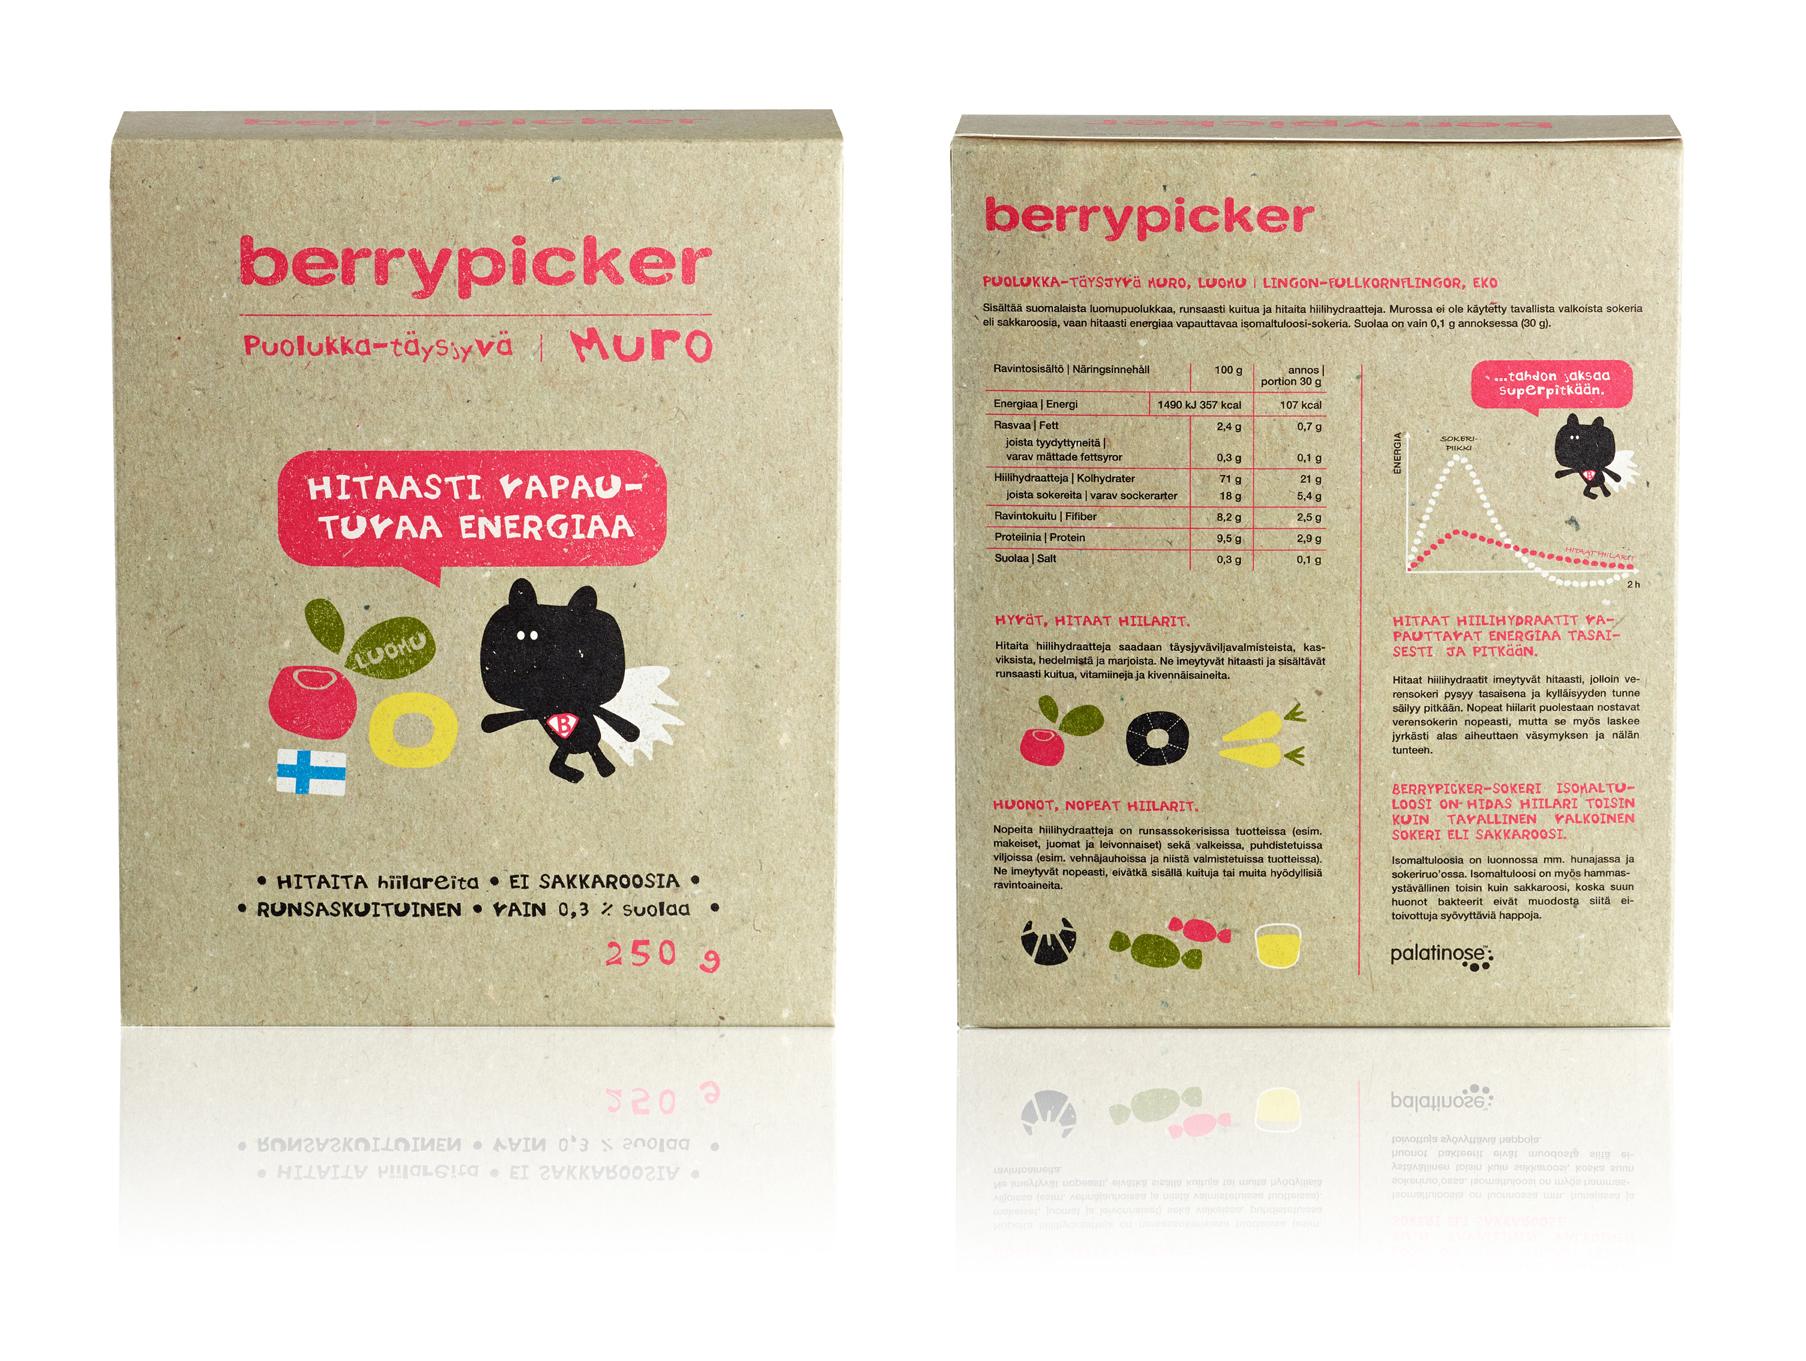 Pakkauskoko on 250 grammaa ja hinta on nelisen euroa, kaupasta riippuen.